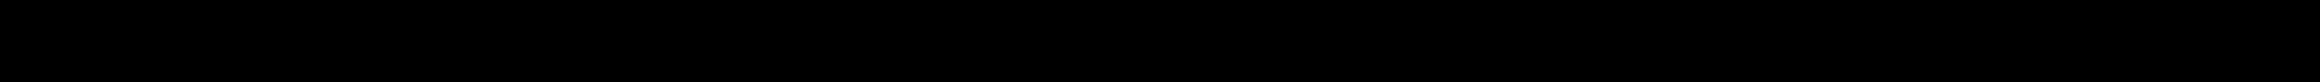 MANN-FILTER 68091826AA, 68091827AA, K68091826AA, K68091827AA, 112 184 04 25 Ölfilter